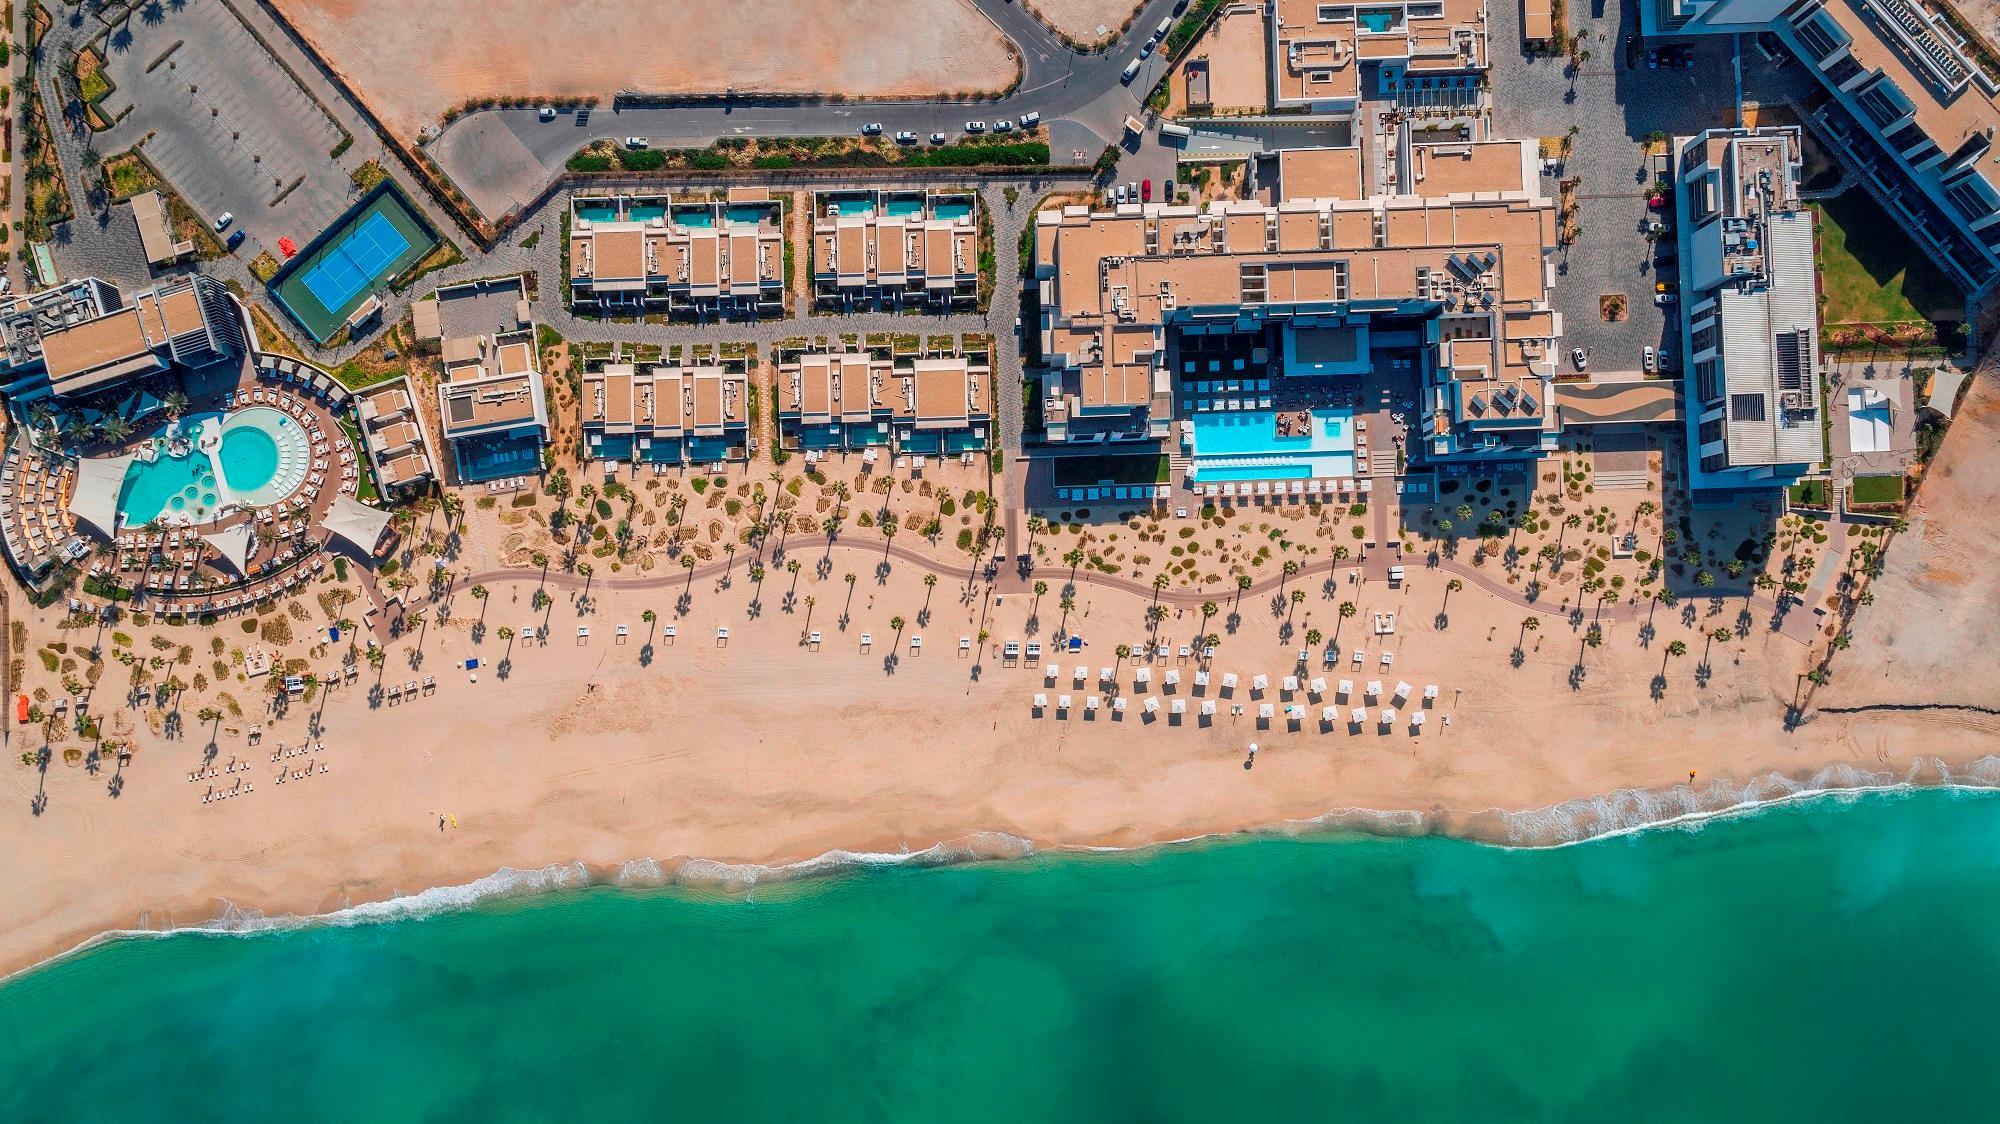 Nikki Beach By MERAAS in Pearl Jumeirah